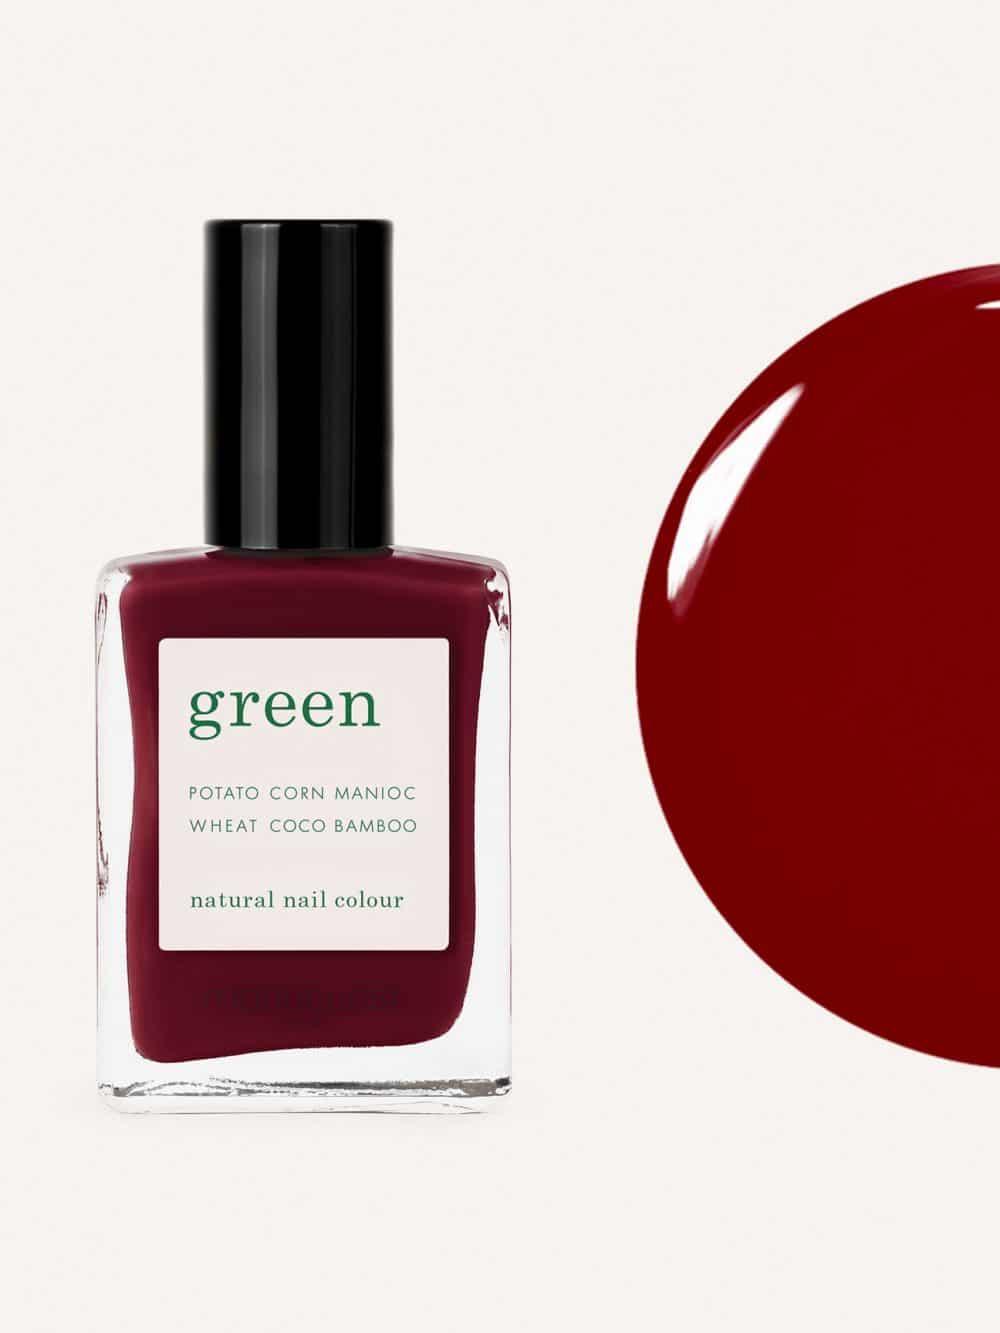 vernis à ongles bio green de la marque Manucurist made in france de couleur bordeaux dark pansy